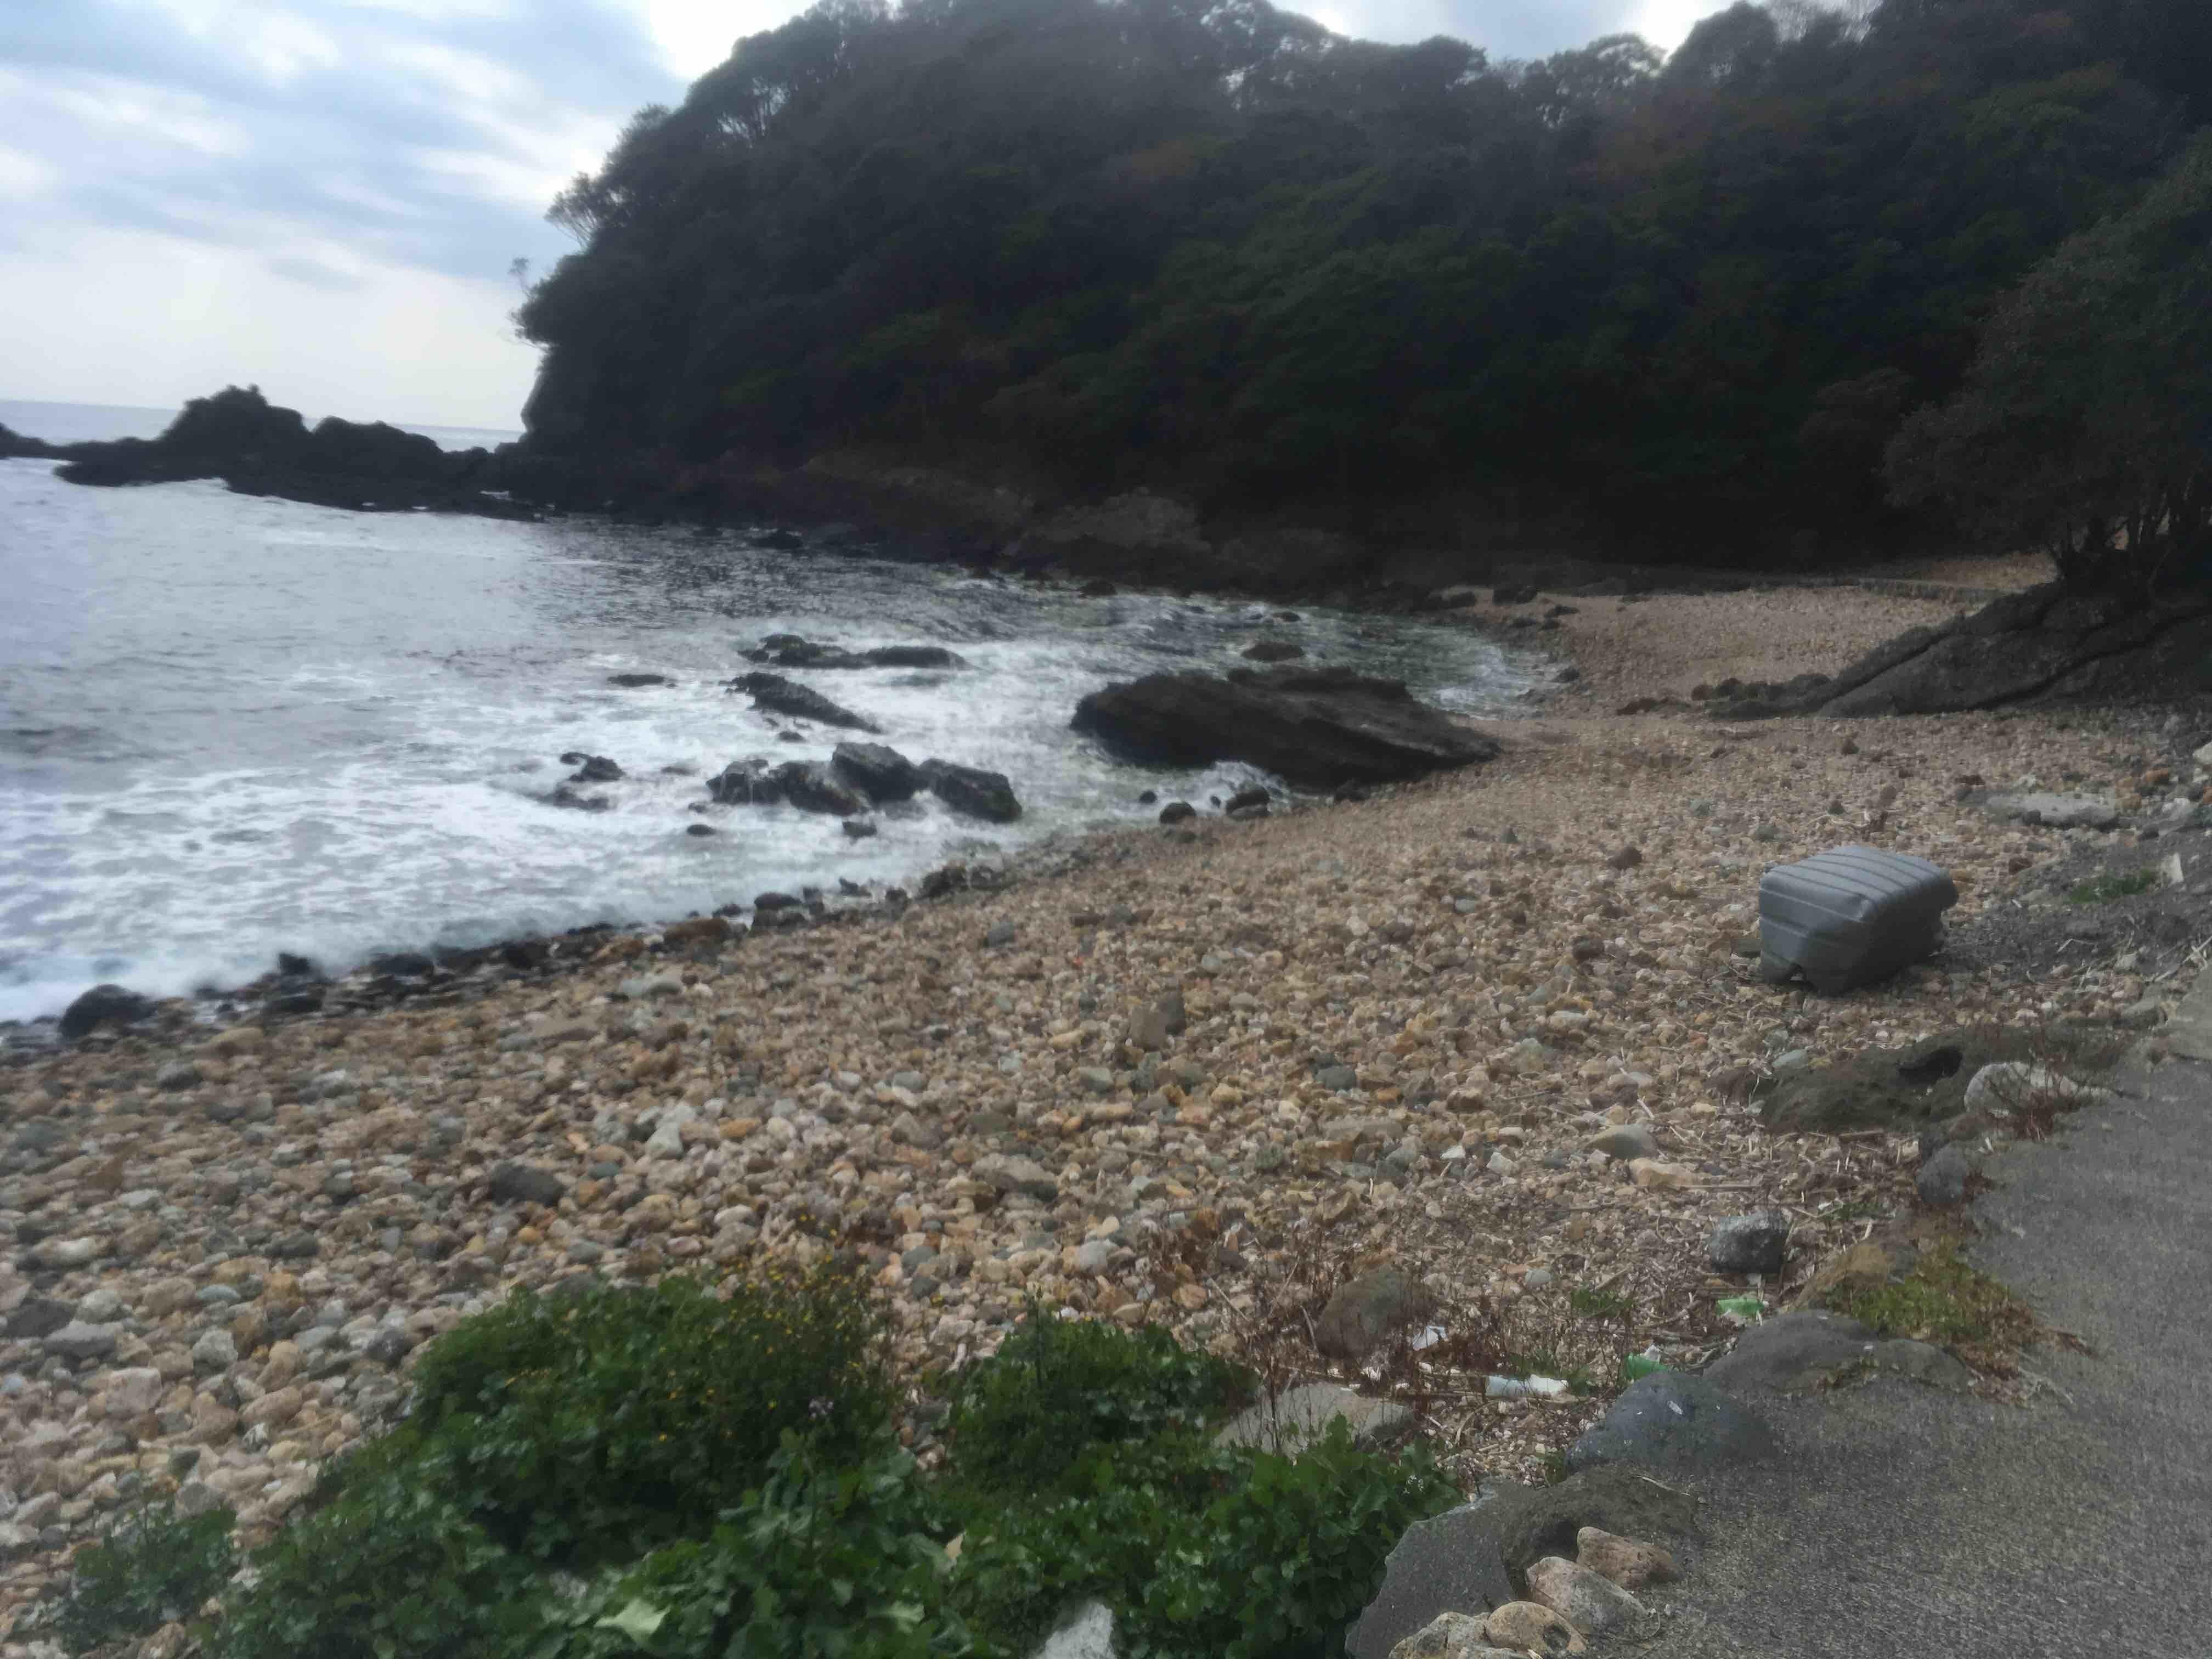 菖蒲沢海岸でビーチコーミングした_d0164691_20270119.jpg